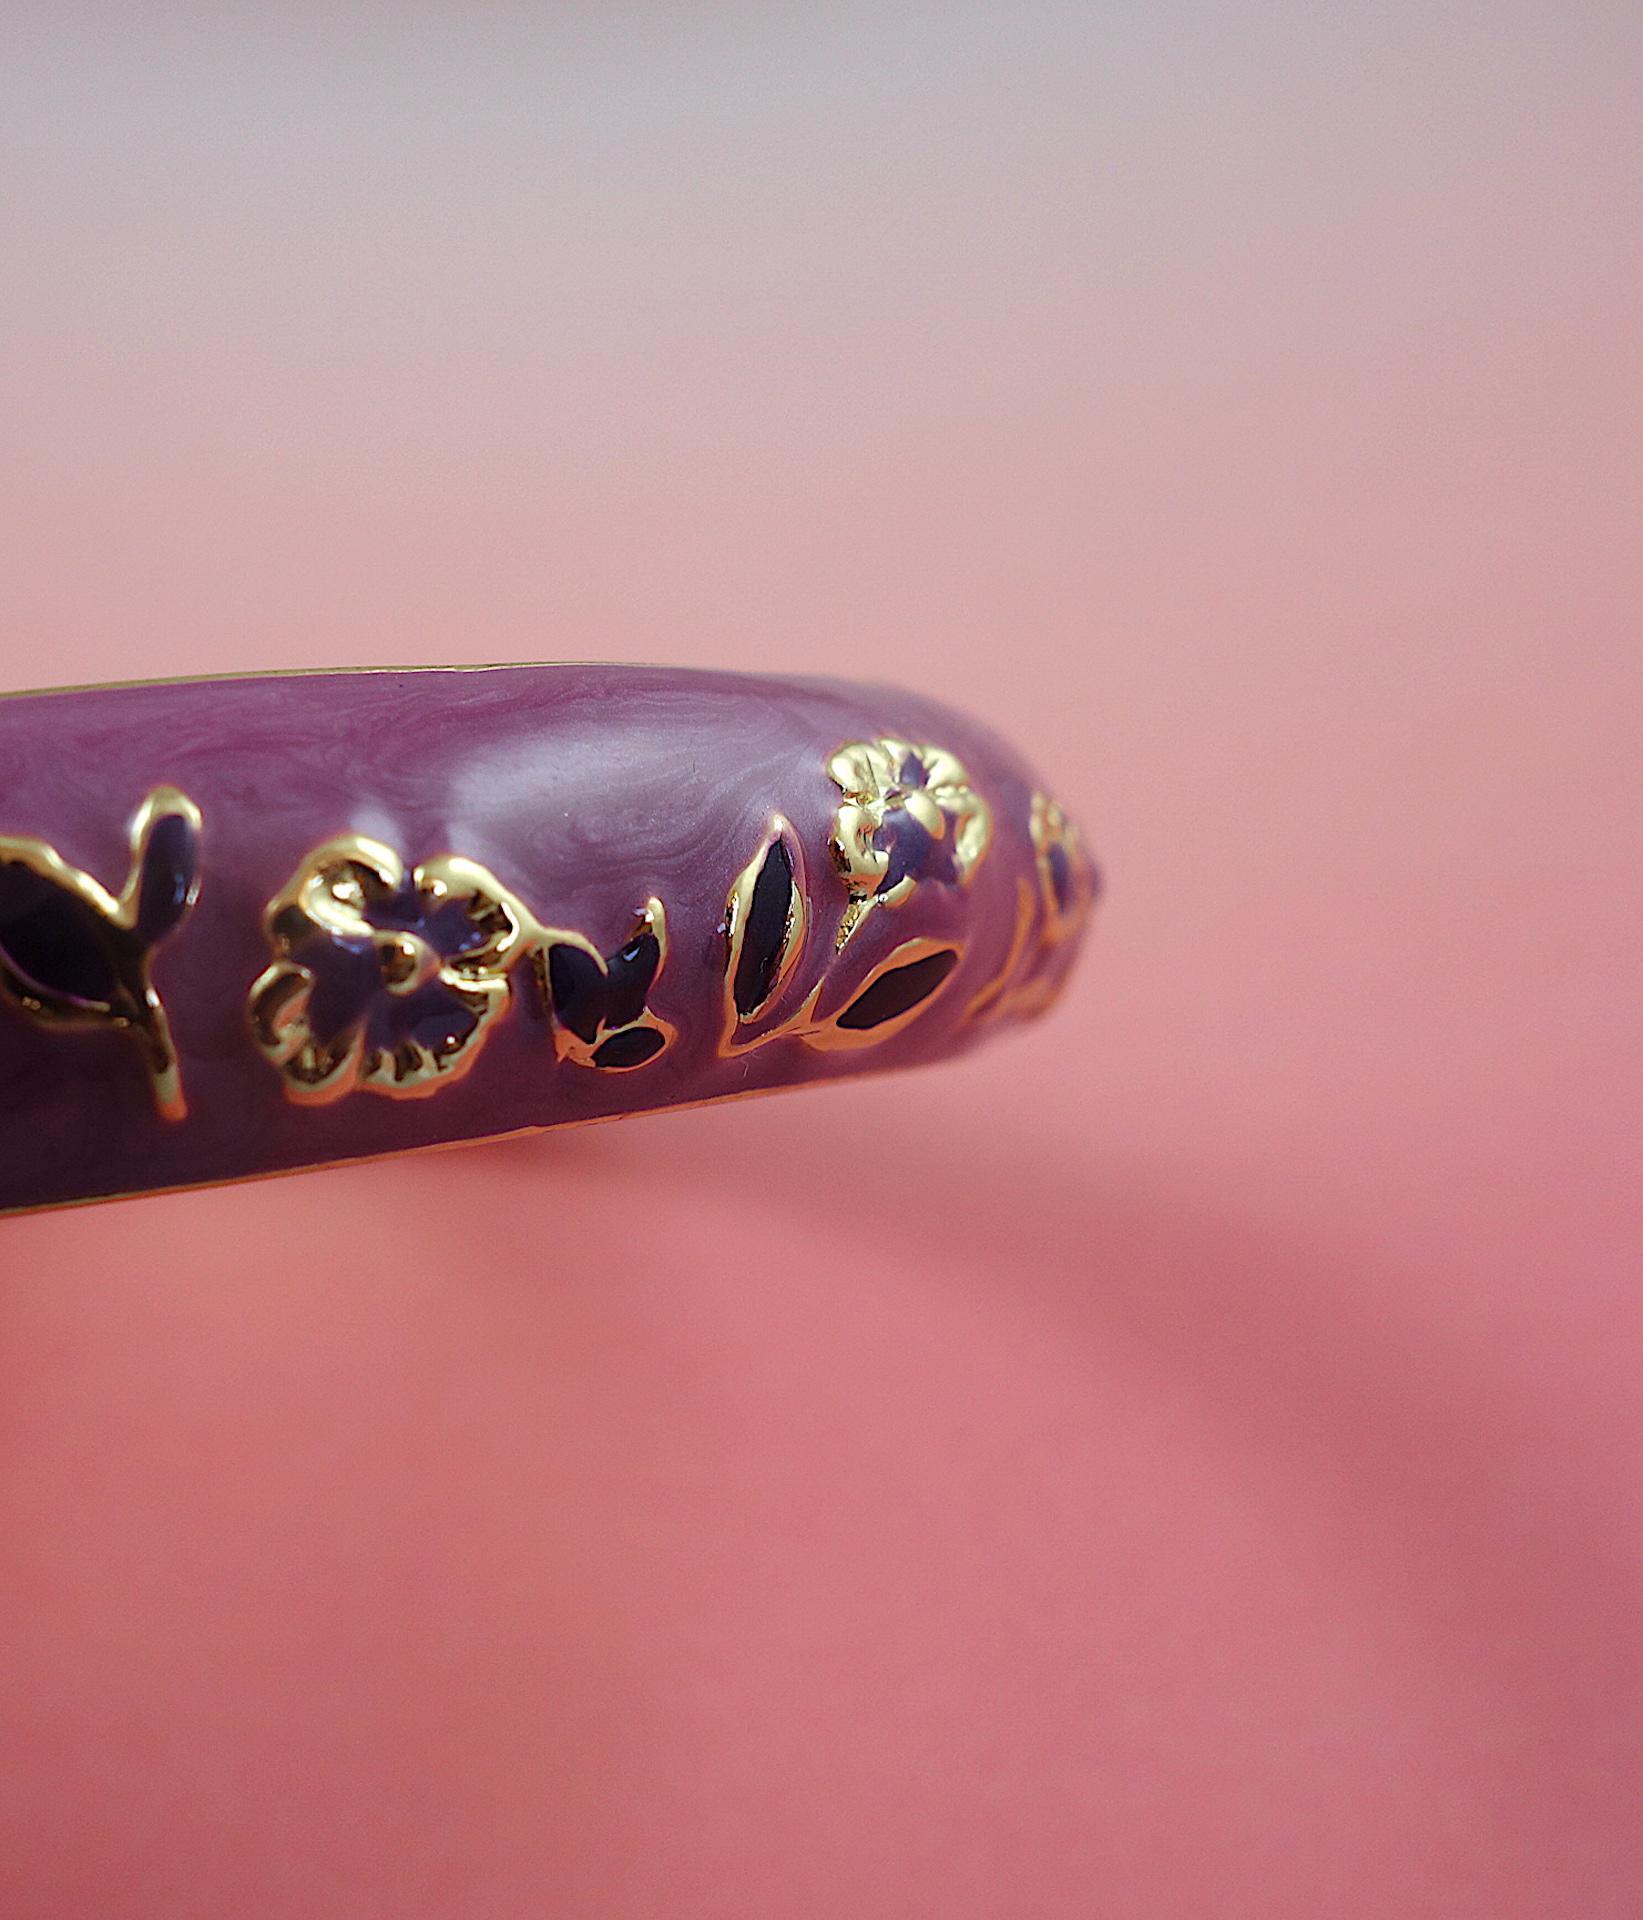 bracelet-inthemoodforlove-roulotte-violine-laque-fleuri-boheme-voyageur